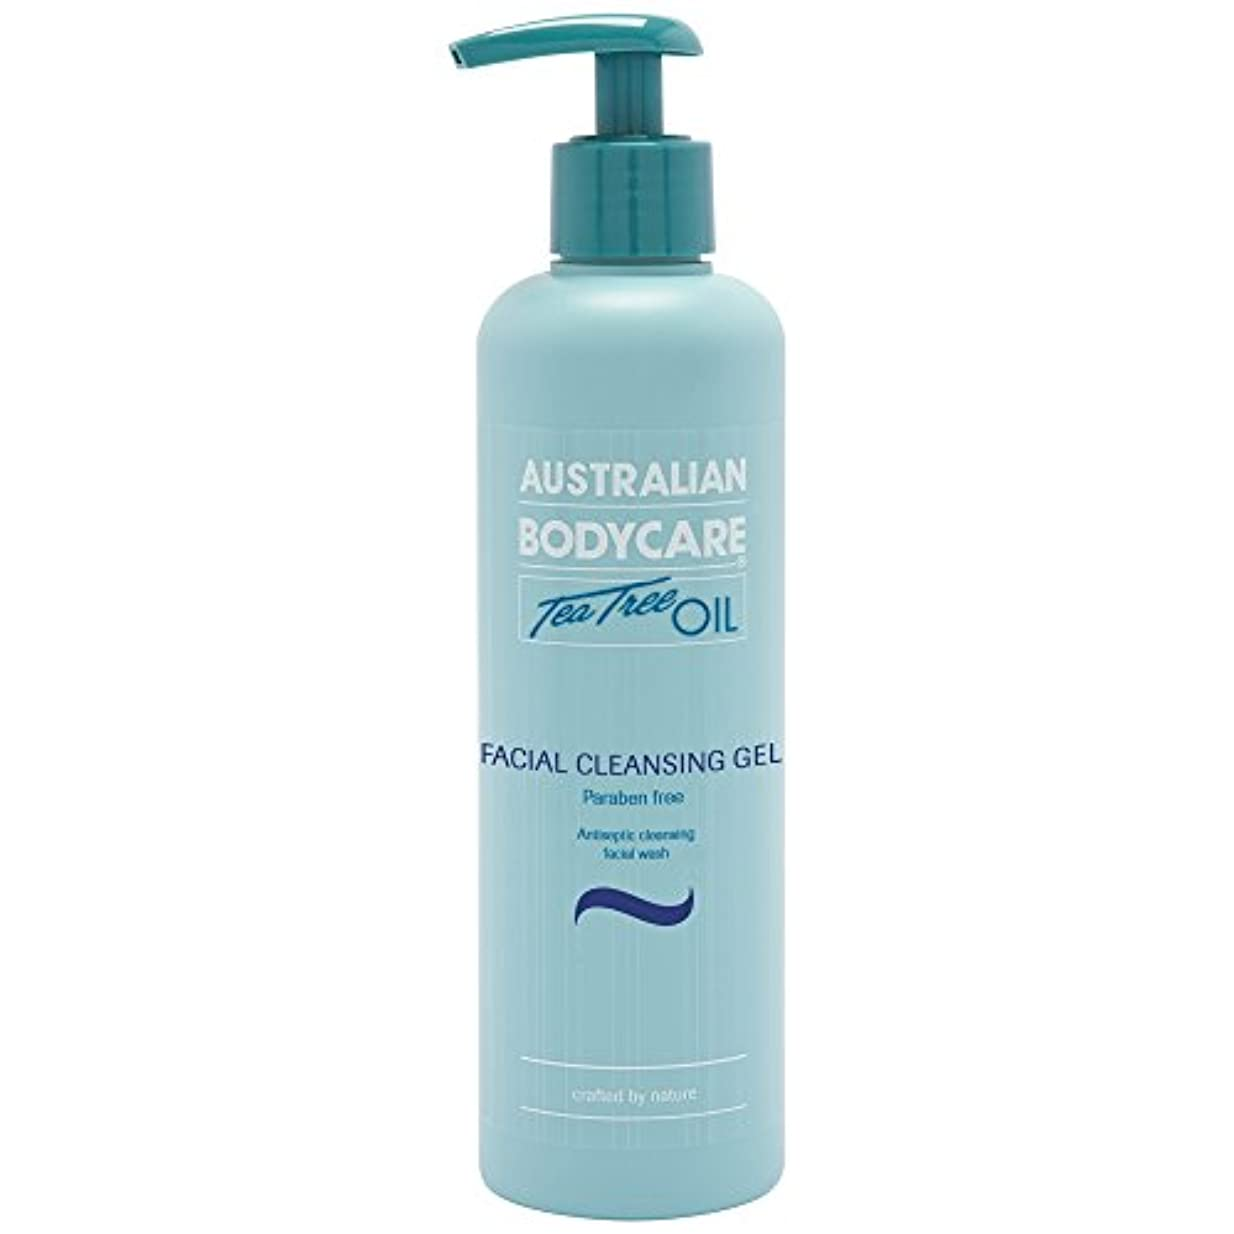 評価する発表する熟練したオーストラリアのボディーケアティーツリーオイル洗顔ゲル250ミリリットル (Australian Bodycare) - Australian Bodycare Tea Tree Oil Facial Cleansing...